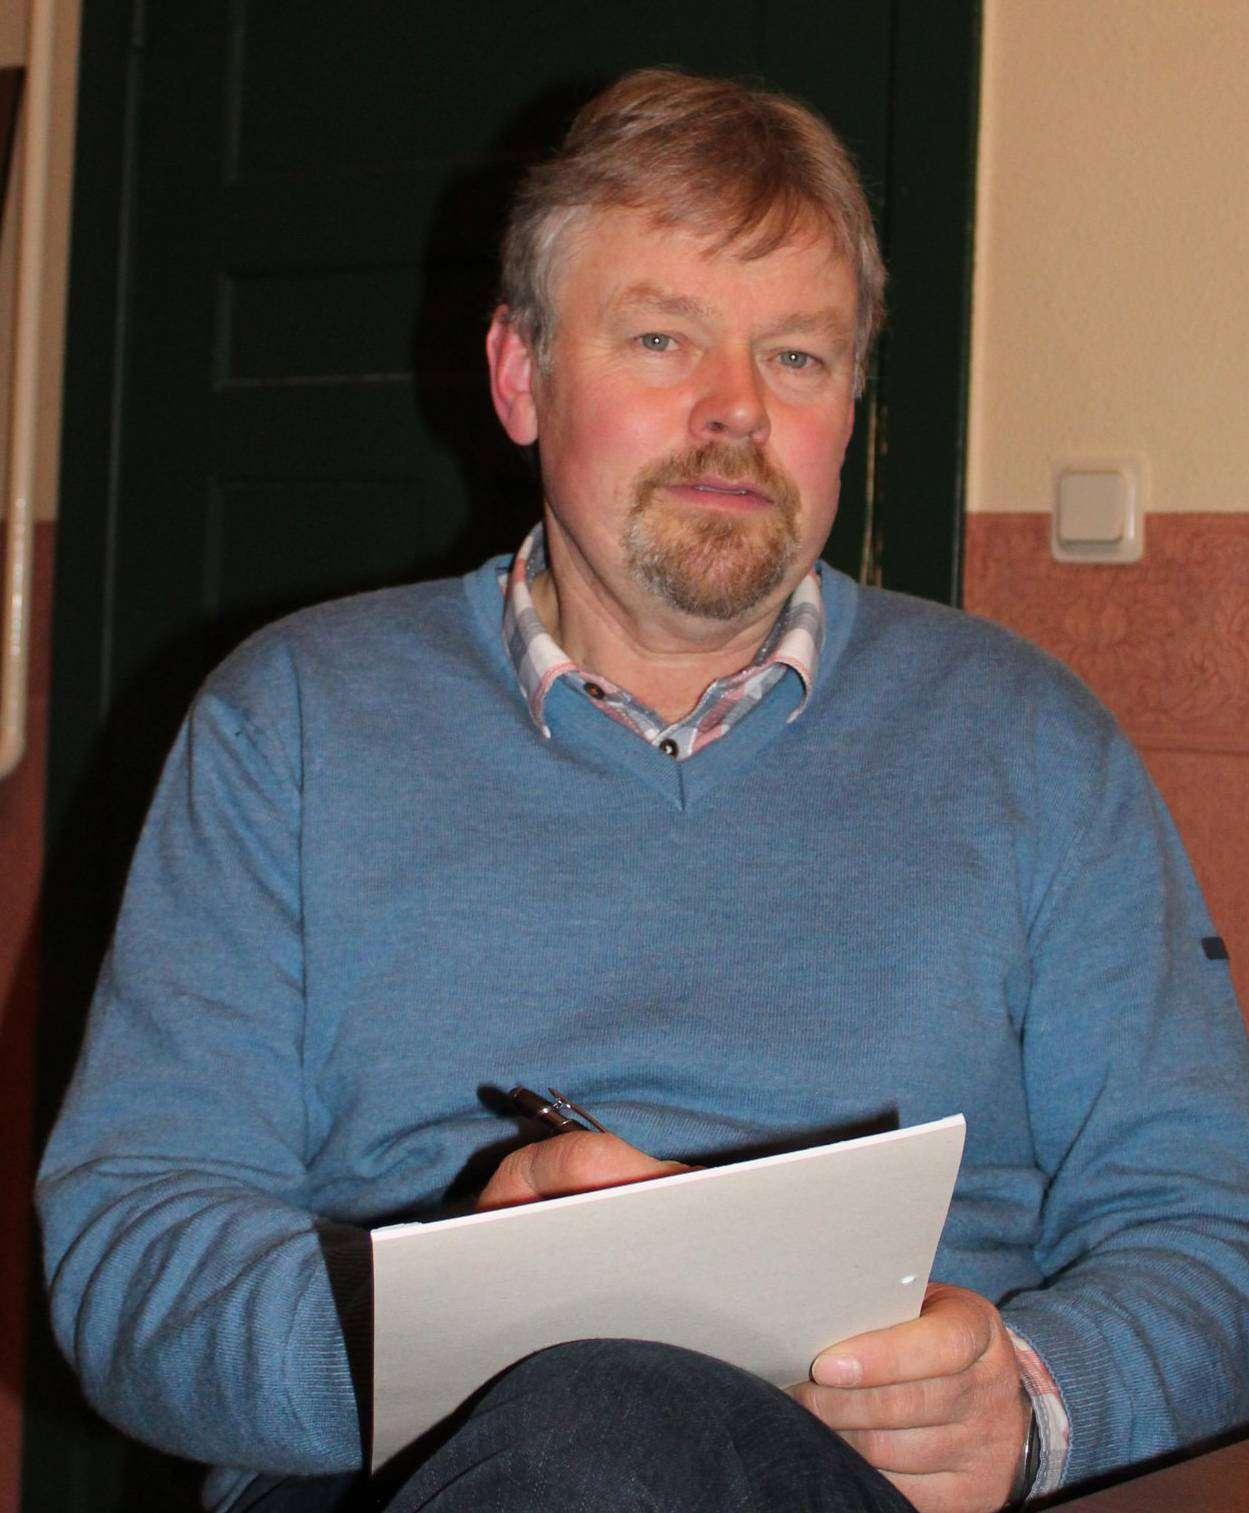 Während die Anklageschrift verlesen wird, macht sich Jürgen Rademacher Notizen zu dem Fall. Foto: Ann-Christin Beims